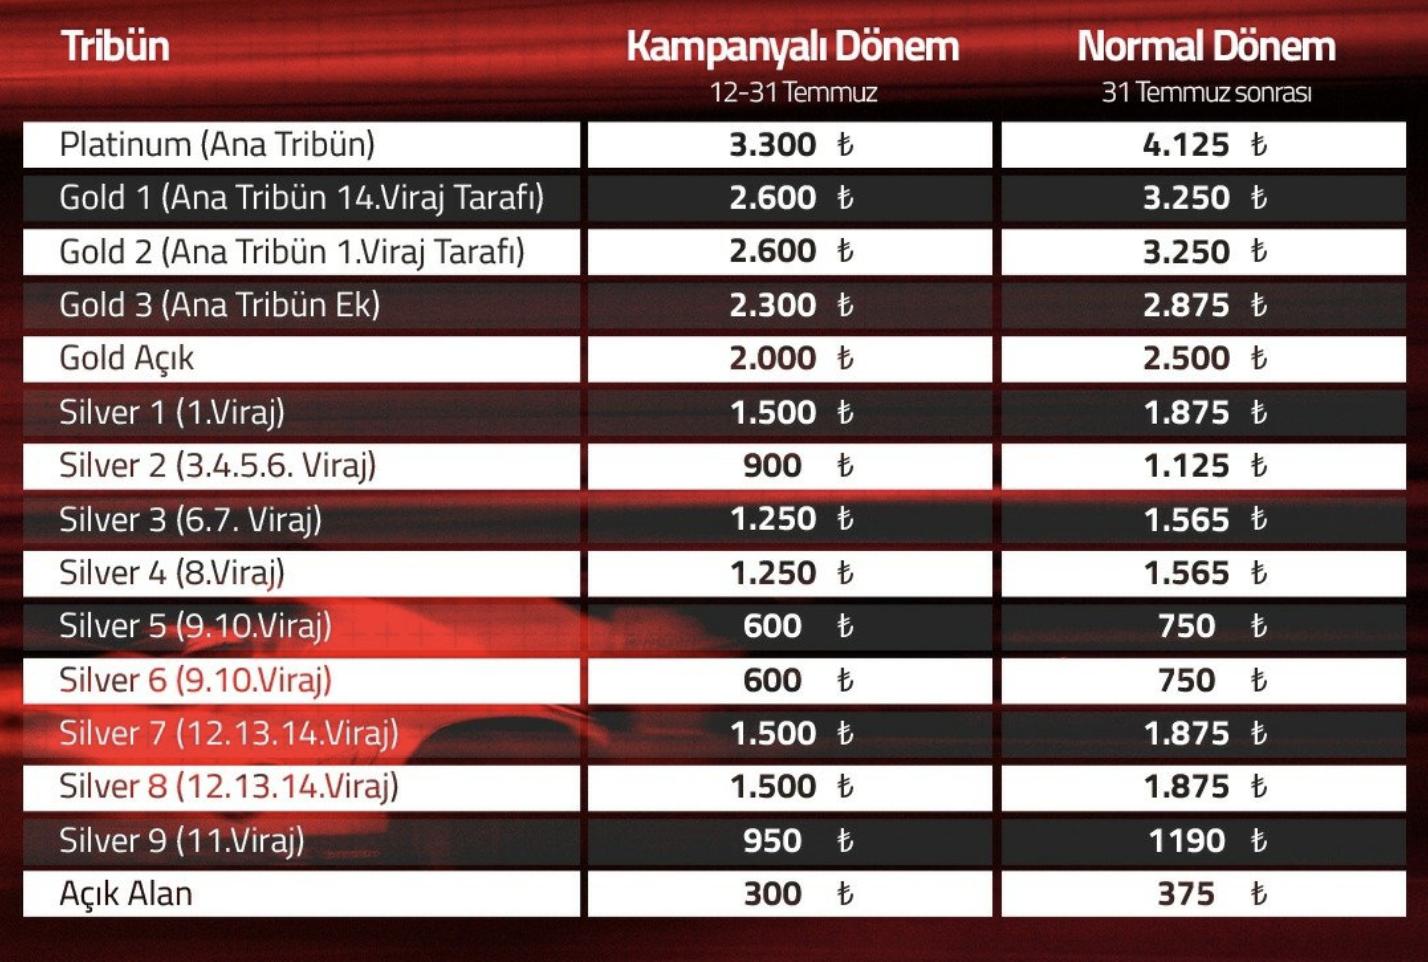 Formula 1 Türkiye Grand Prix'sinin bilet fiyatlarına sosyal medyada sert tepki